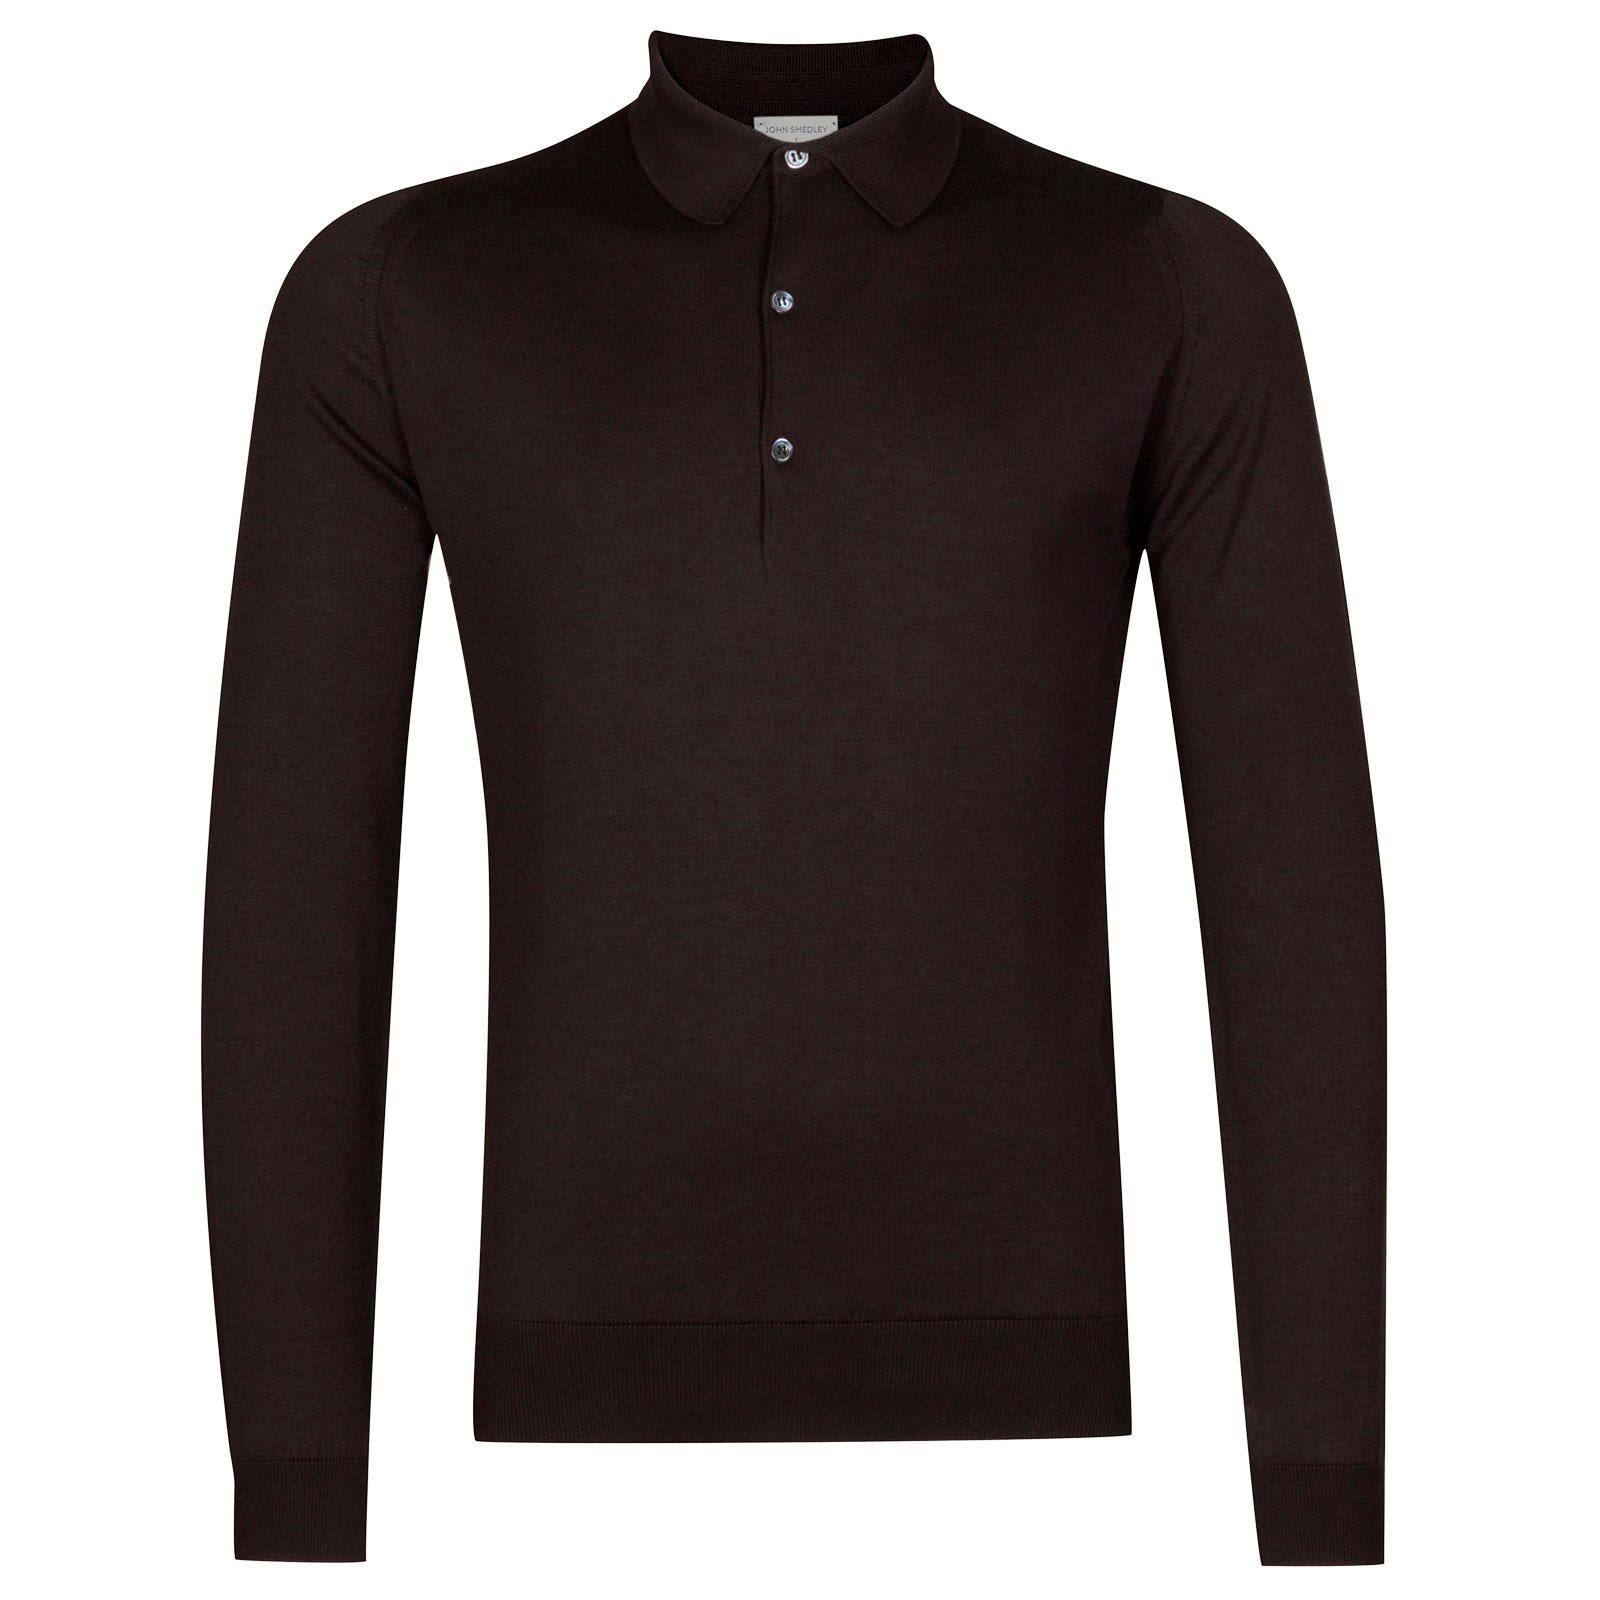 John Smedley Bradwell Sea Island Cotton Shirt in Dark Leather-XL